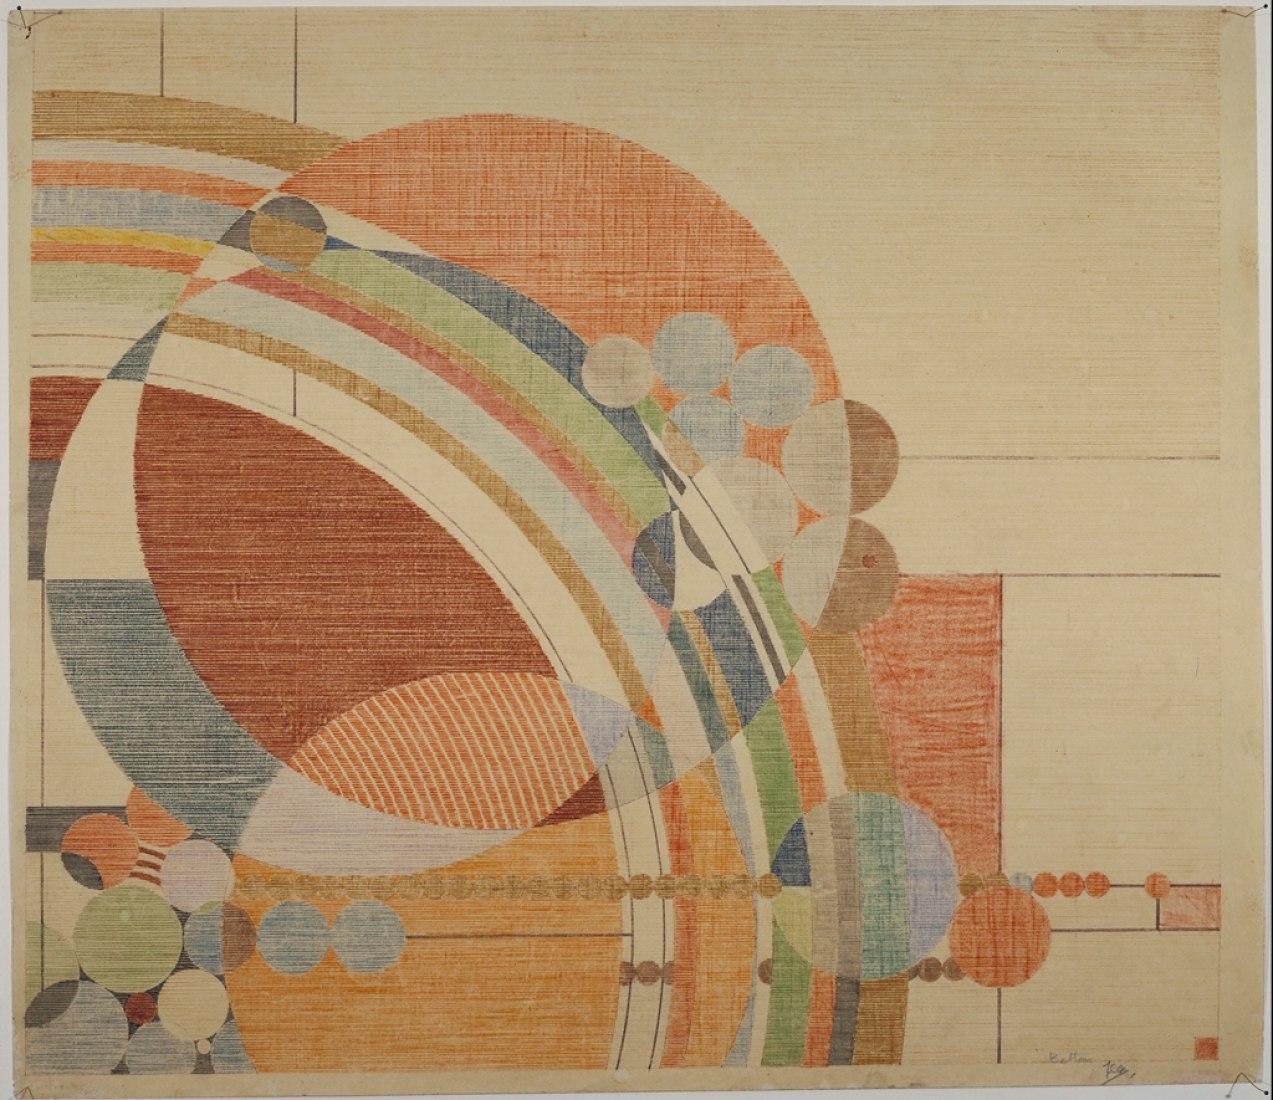 Cubierta de la revista Liberty. 1926. Lápices de colores sobre papel. 24 1/2 x 28 1/4″ (62.2 x 71.8 cm). Archivo de la Fundación Frank Lloyd Wright (The MoMA | Biblioteca Avery de Arquitectura y Bellas Artes, Universidad de Columbia, Nueva York).